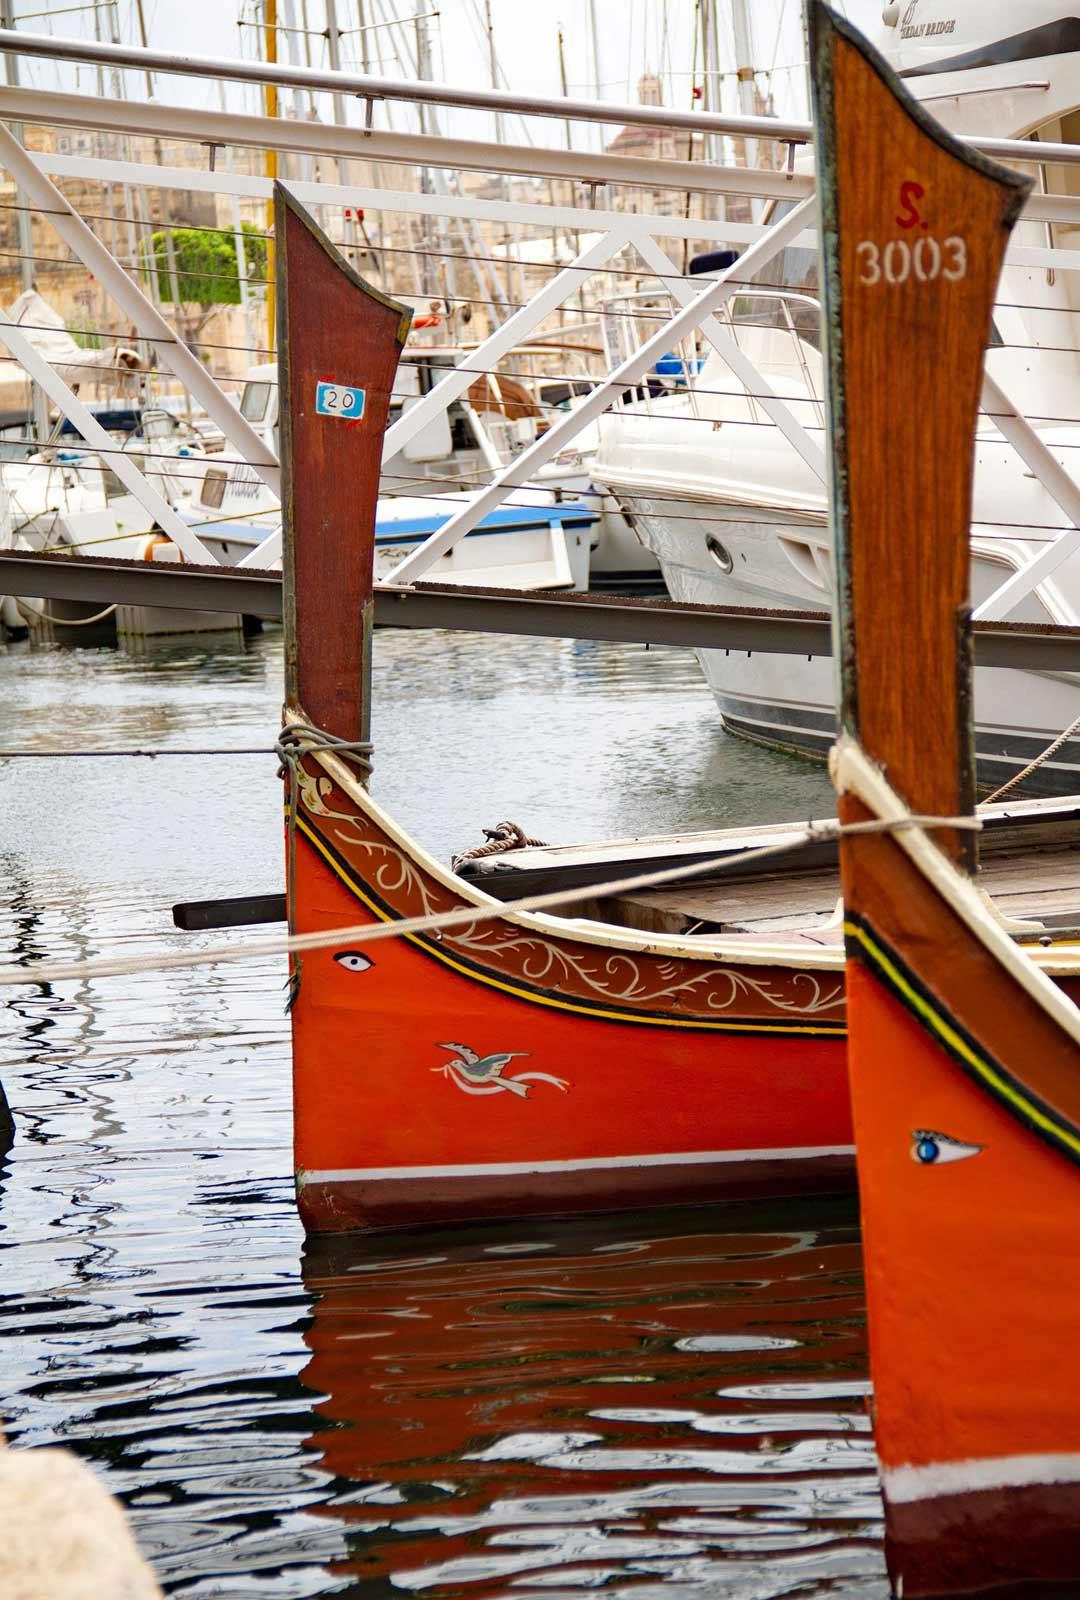 Maltalaisia puuveneitä ovat koristaneet suojelevat silmät aina siitä saakka, kun foinikialaiset toivat tavan sinne noin 1000 eKr.